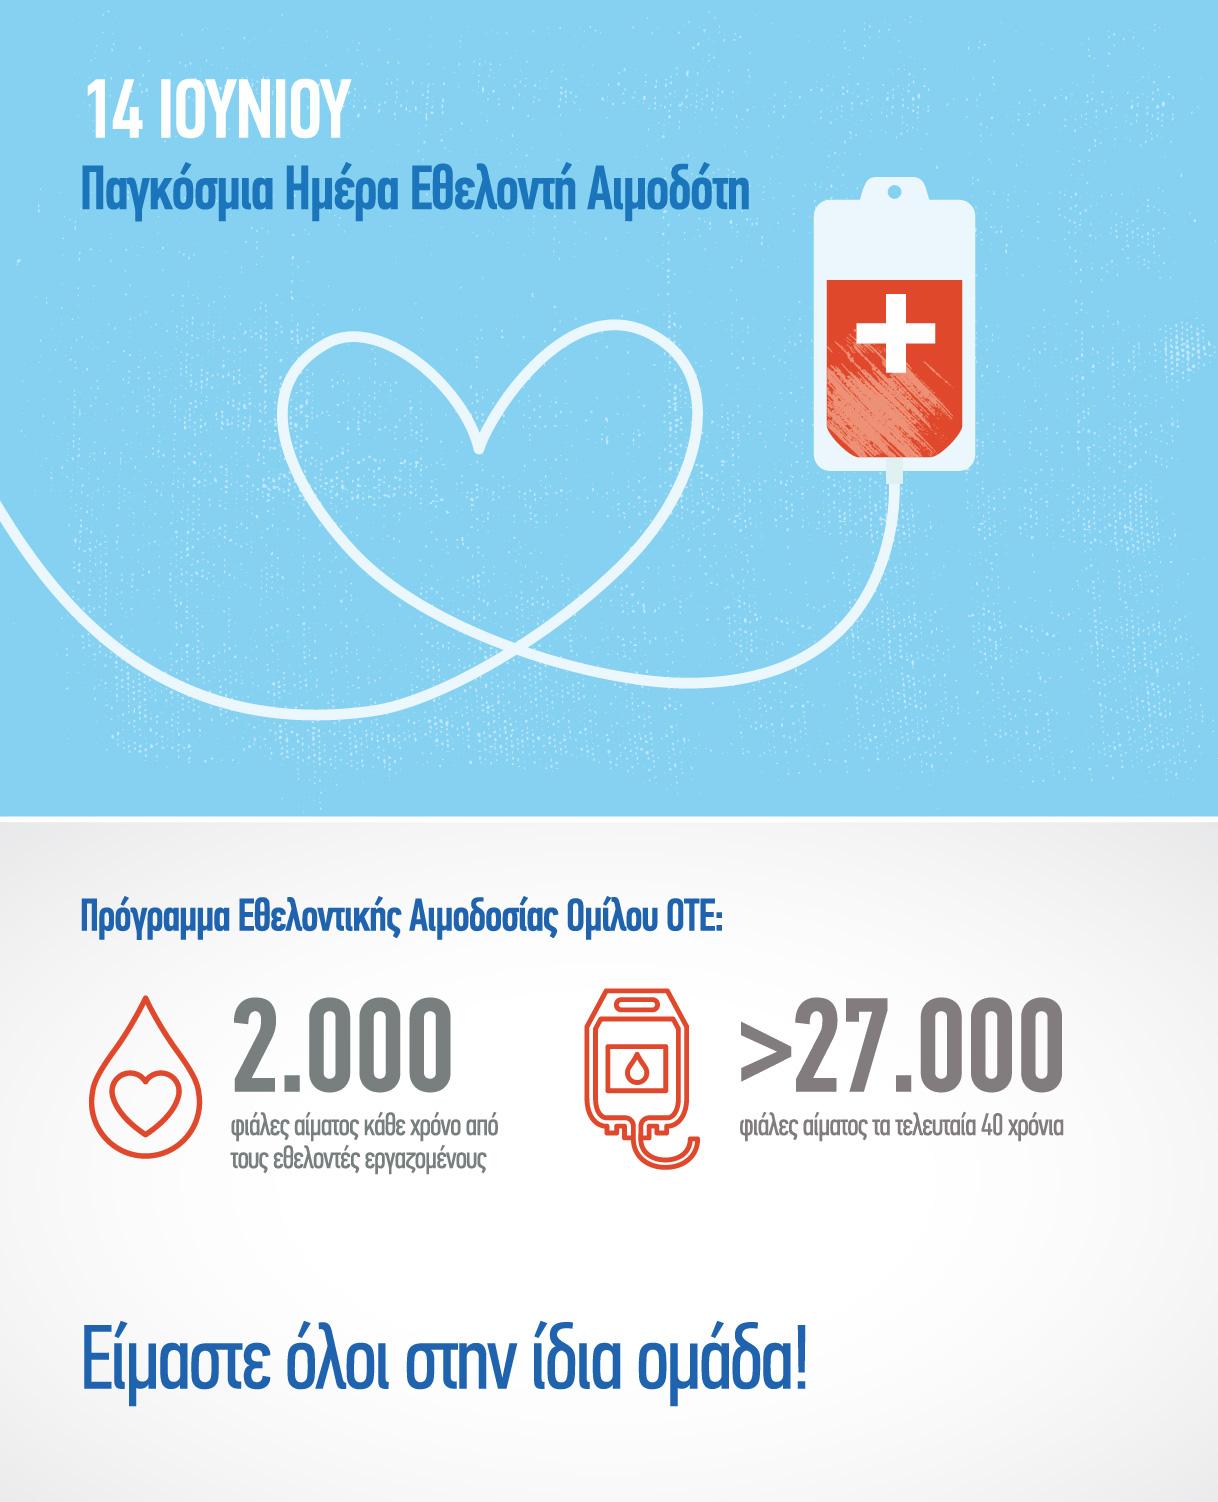 ΟΤΕ-Imera-Ethelonti-Aimodoti-2018-Infographic